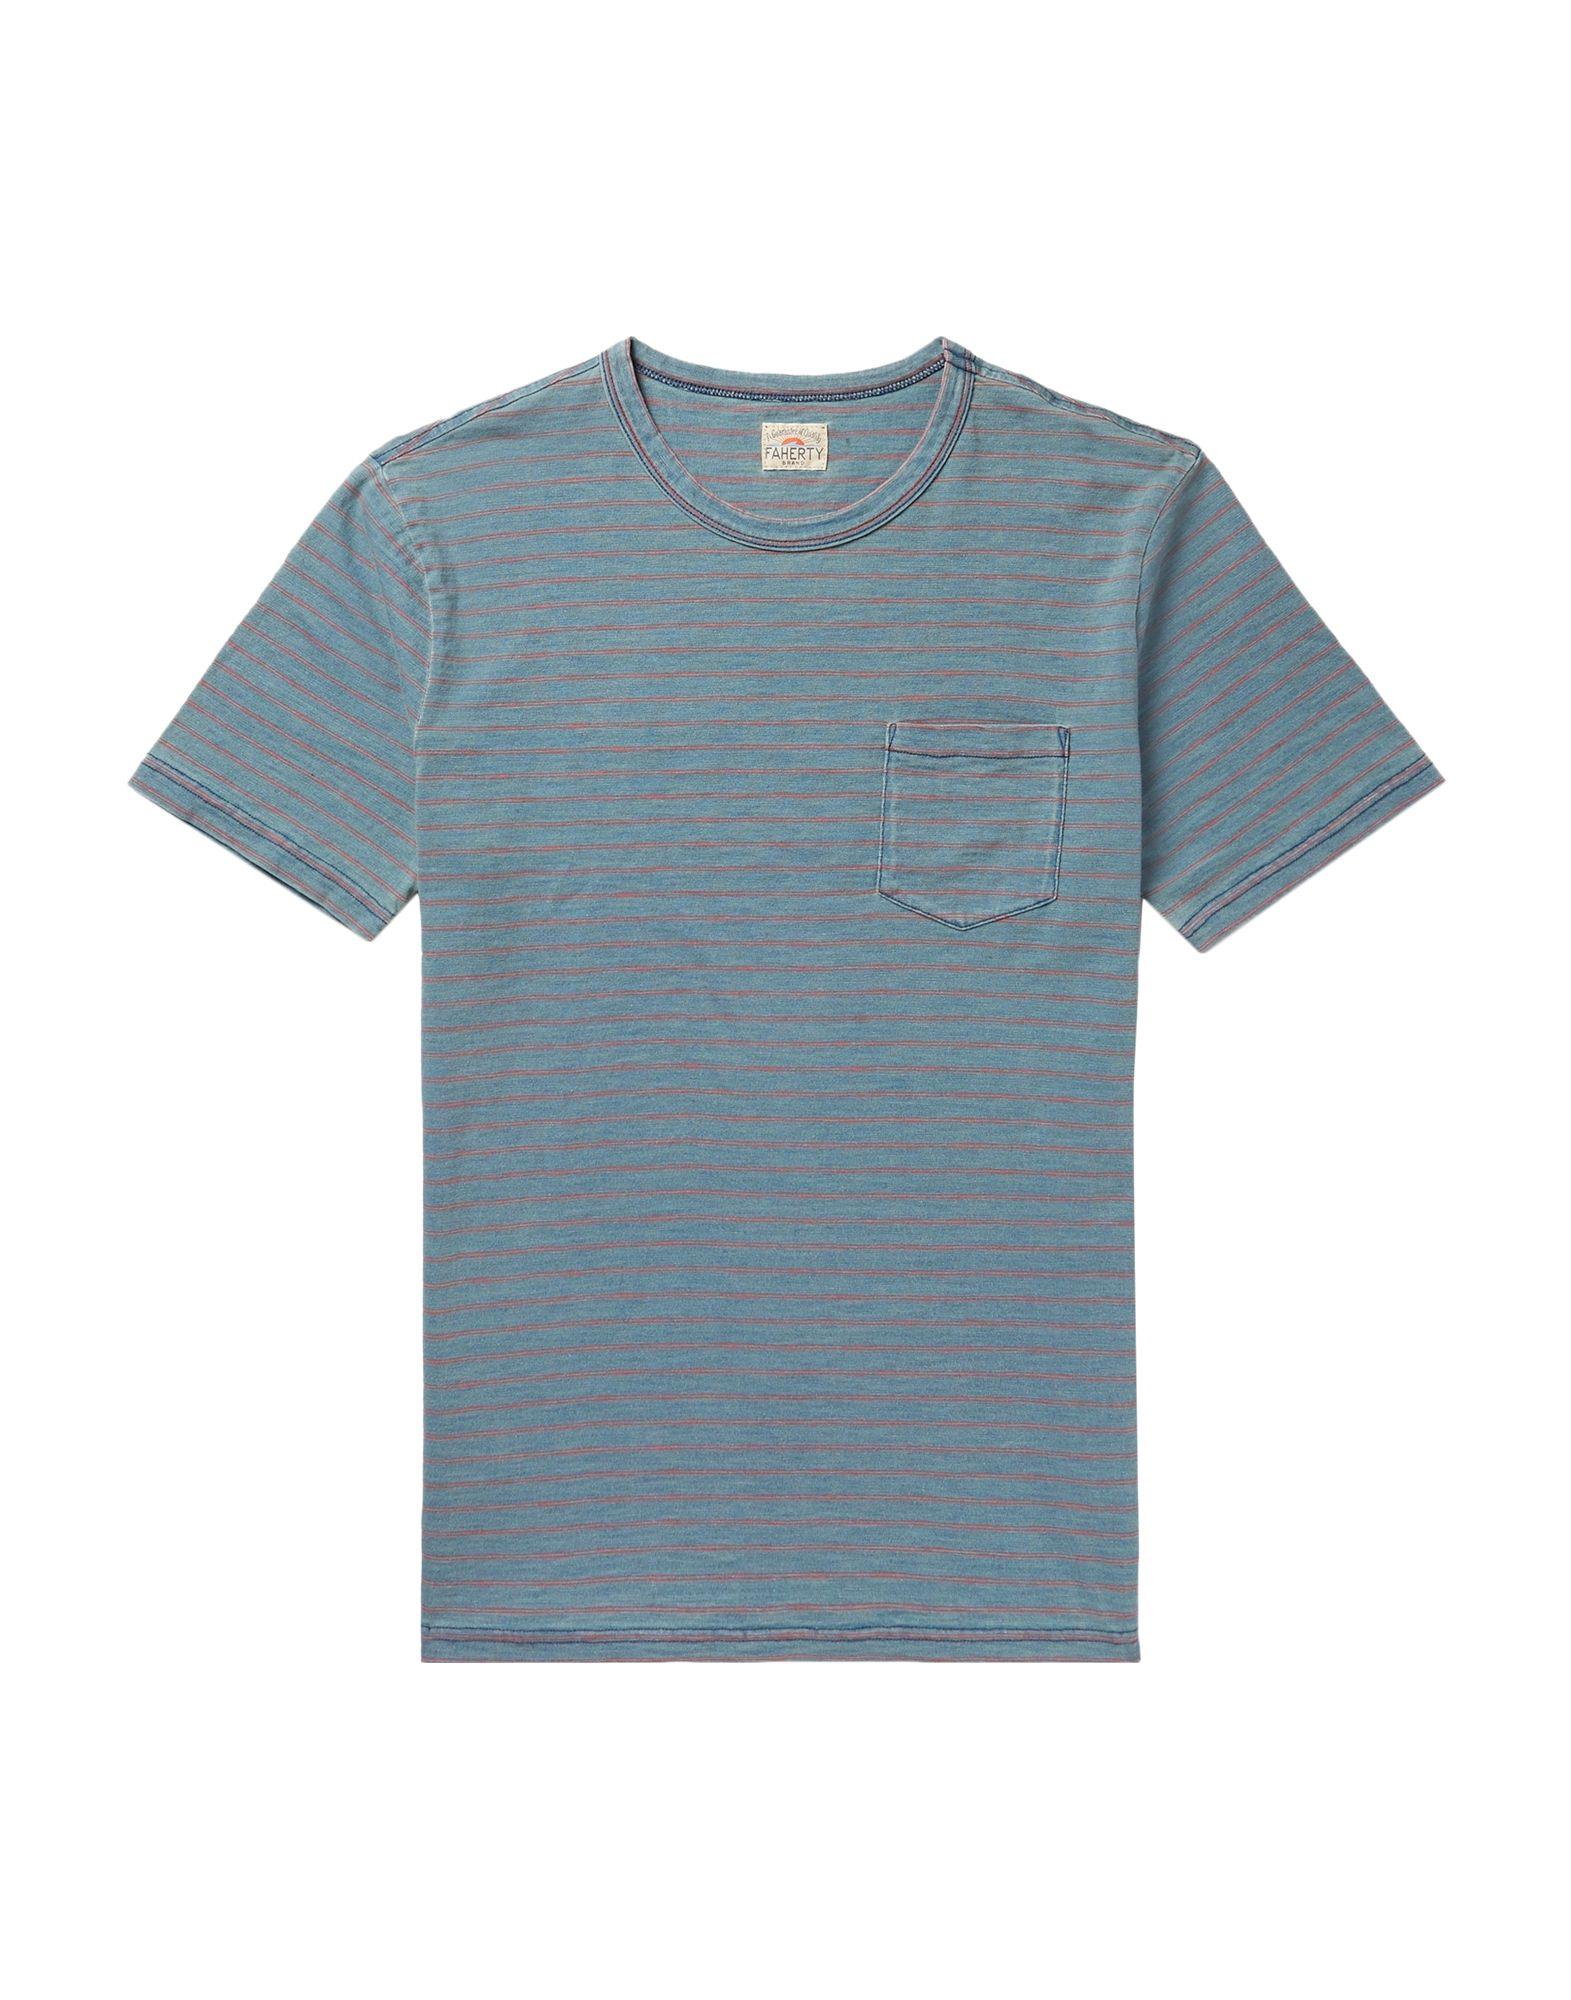 T-Shirt Faherty uomo - - 12349935ST  Es gibt mehr Marken von qualitativ hochwertigen Waren